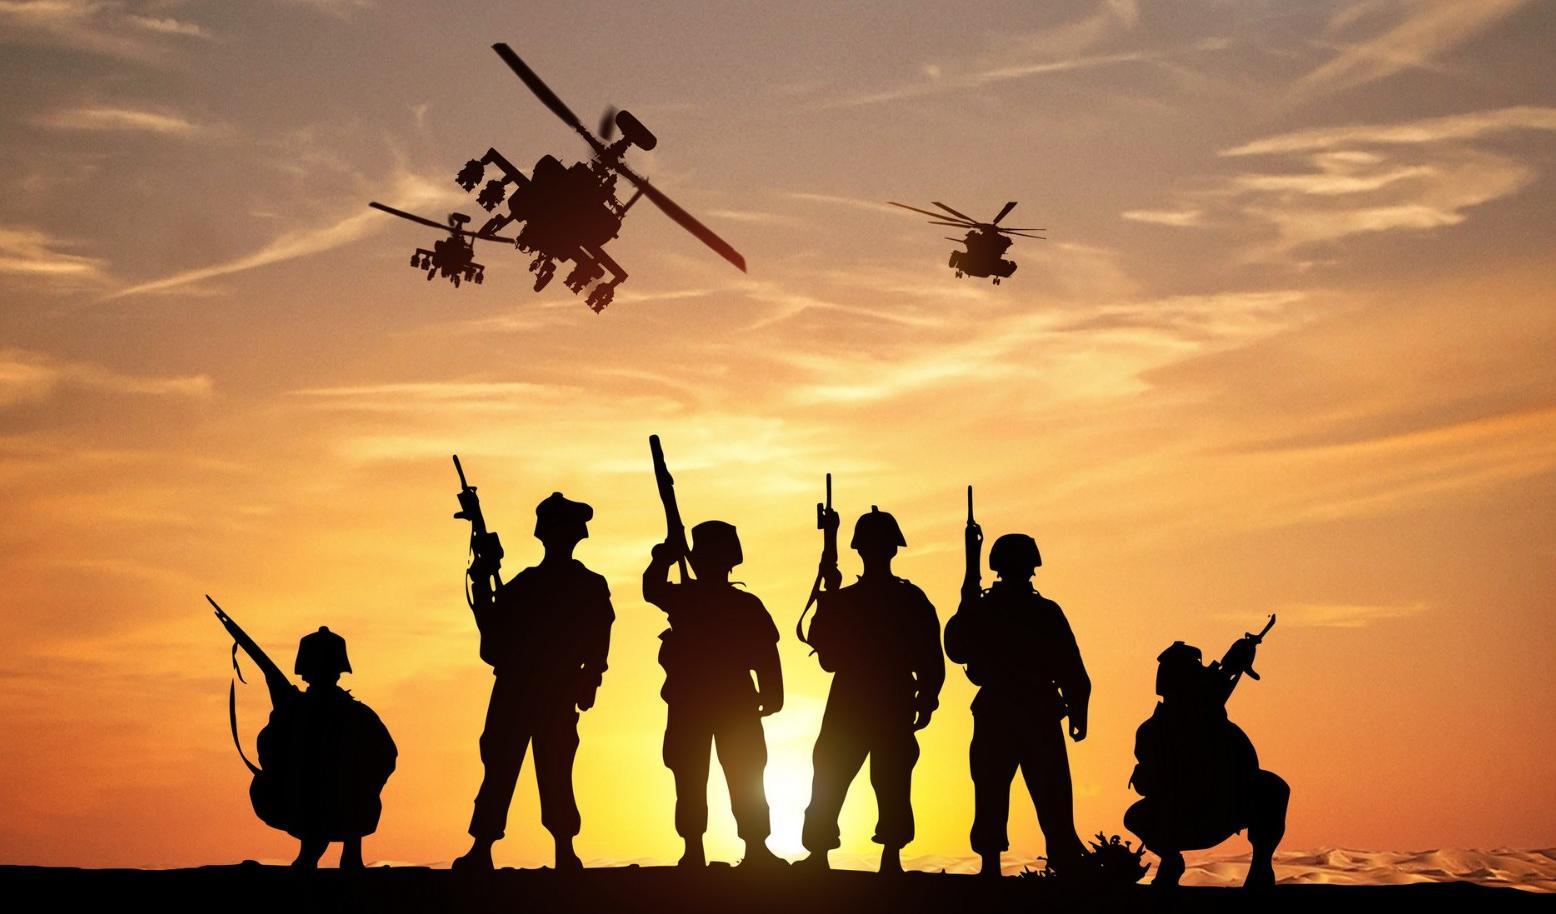 1.4亿军迷集结,军事旅游为何仍火力不足?